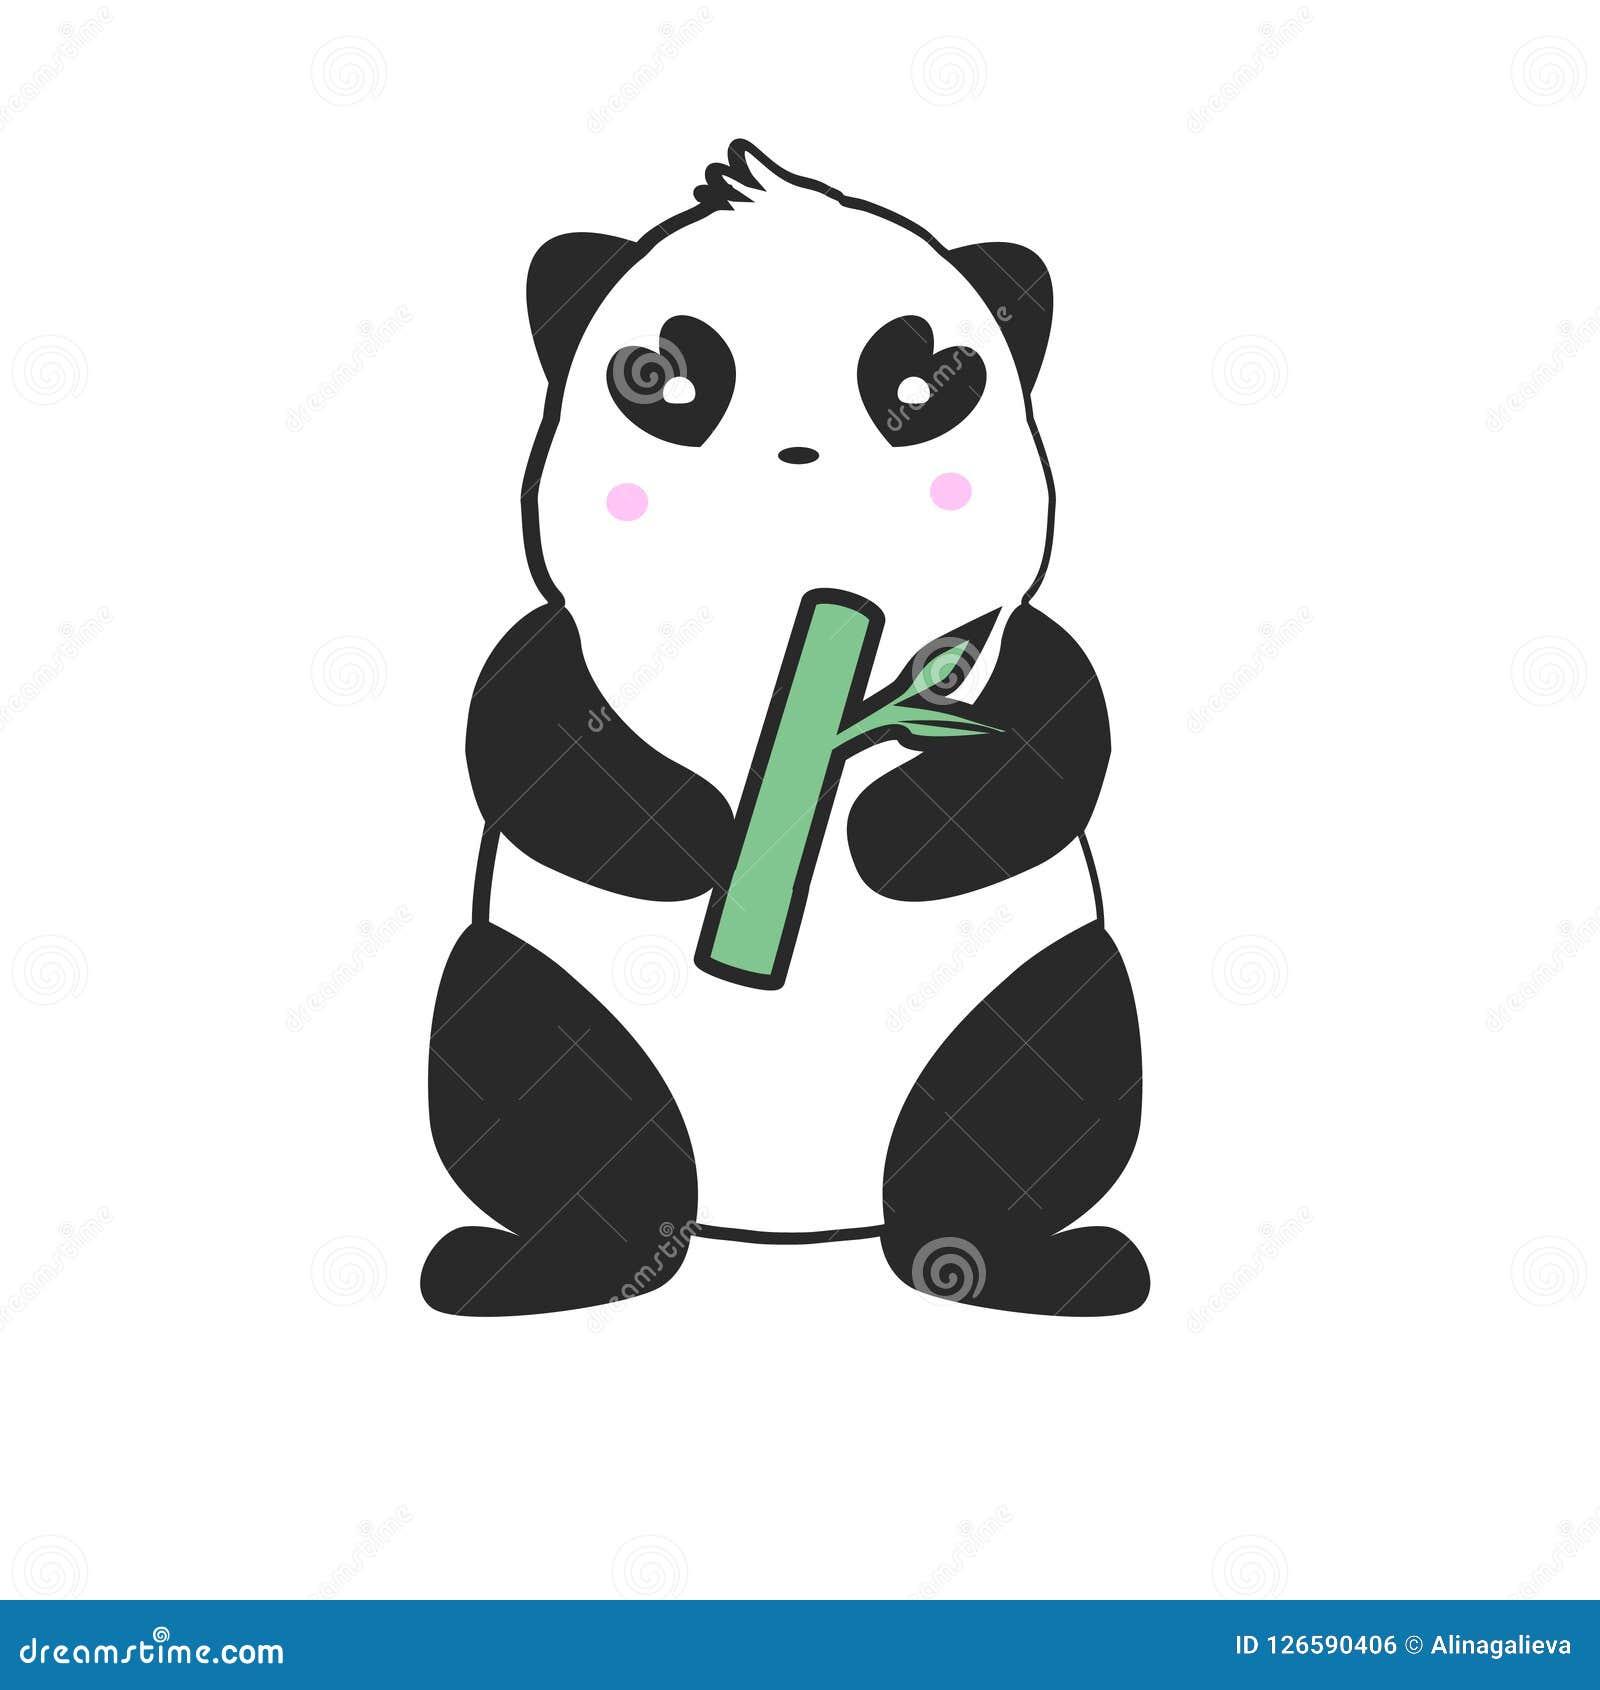 Cute Panda Mascot Logo Design Simple Drawing Of Panda In Cartoon